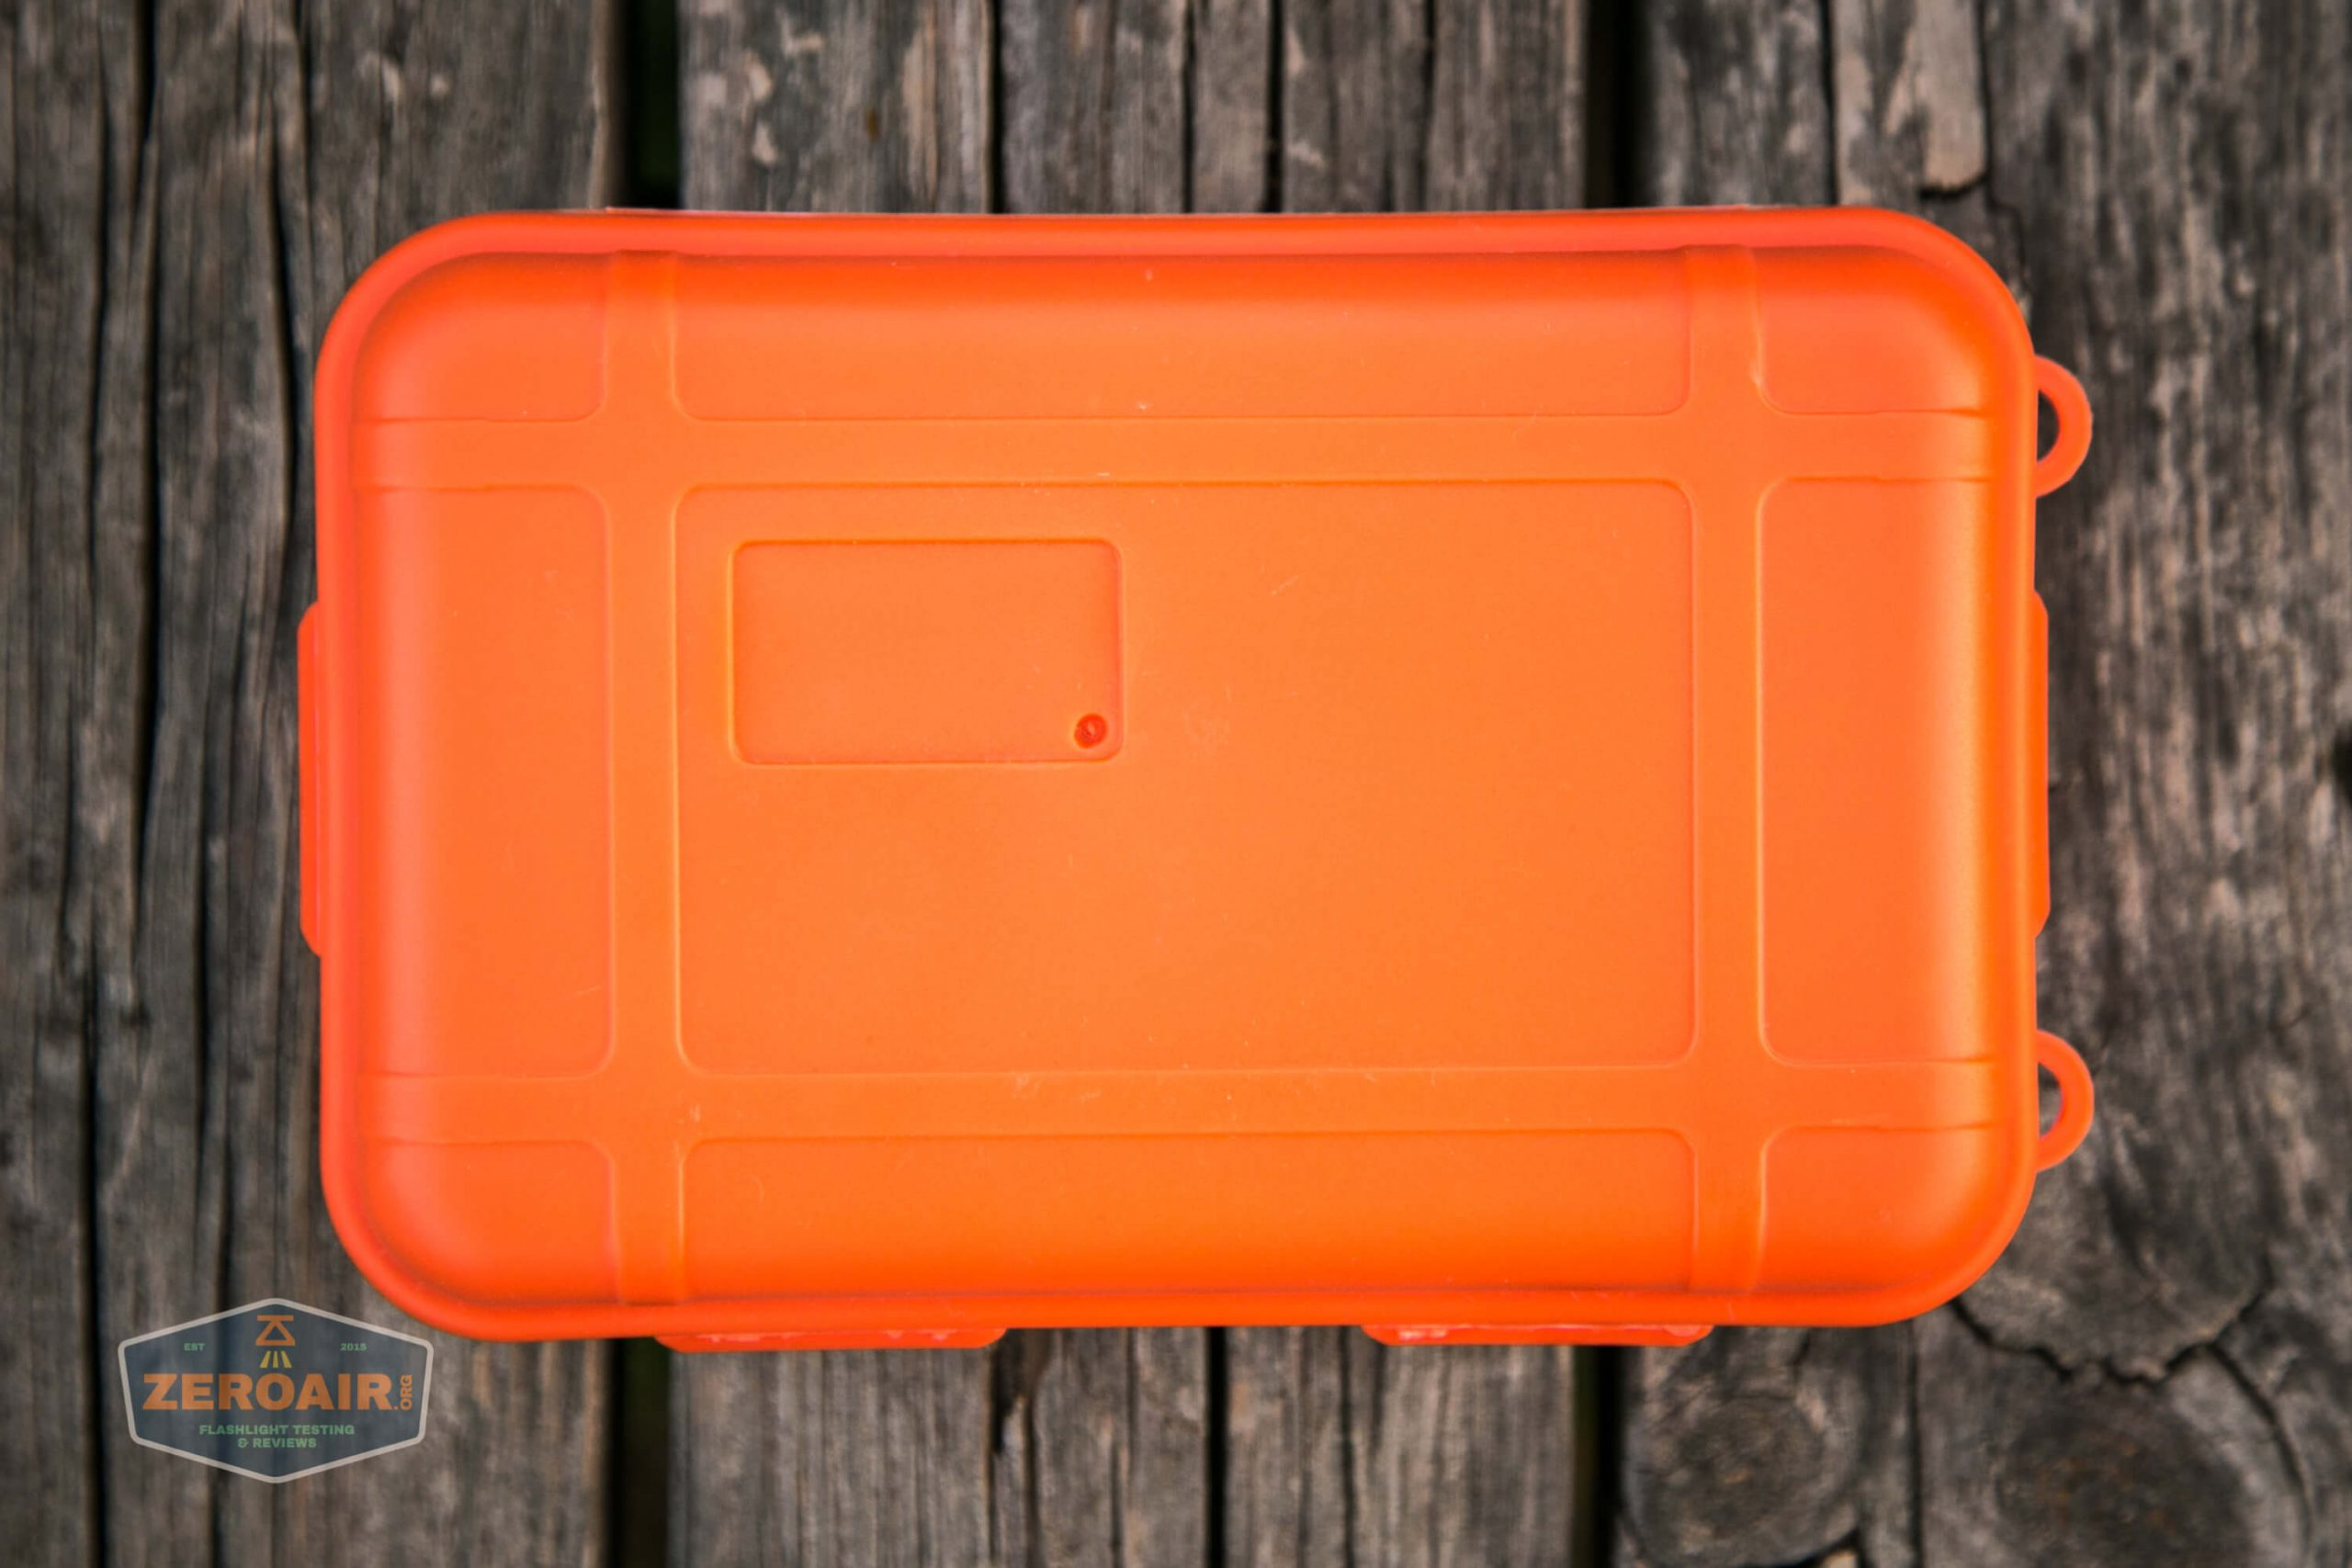 countycomm reylight 21700 quad emitter flashlight orange container